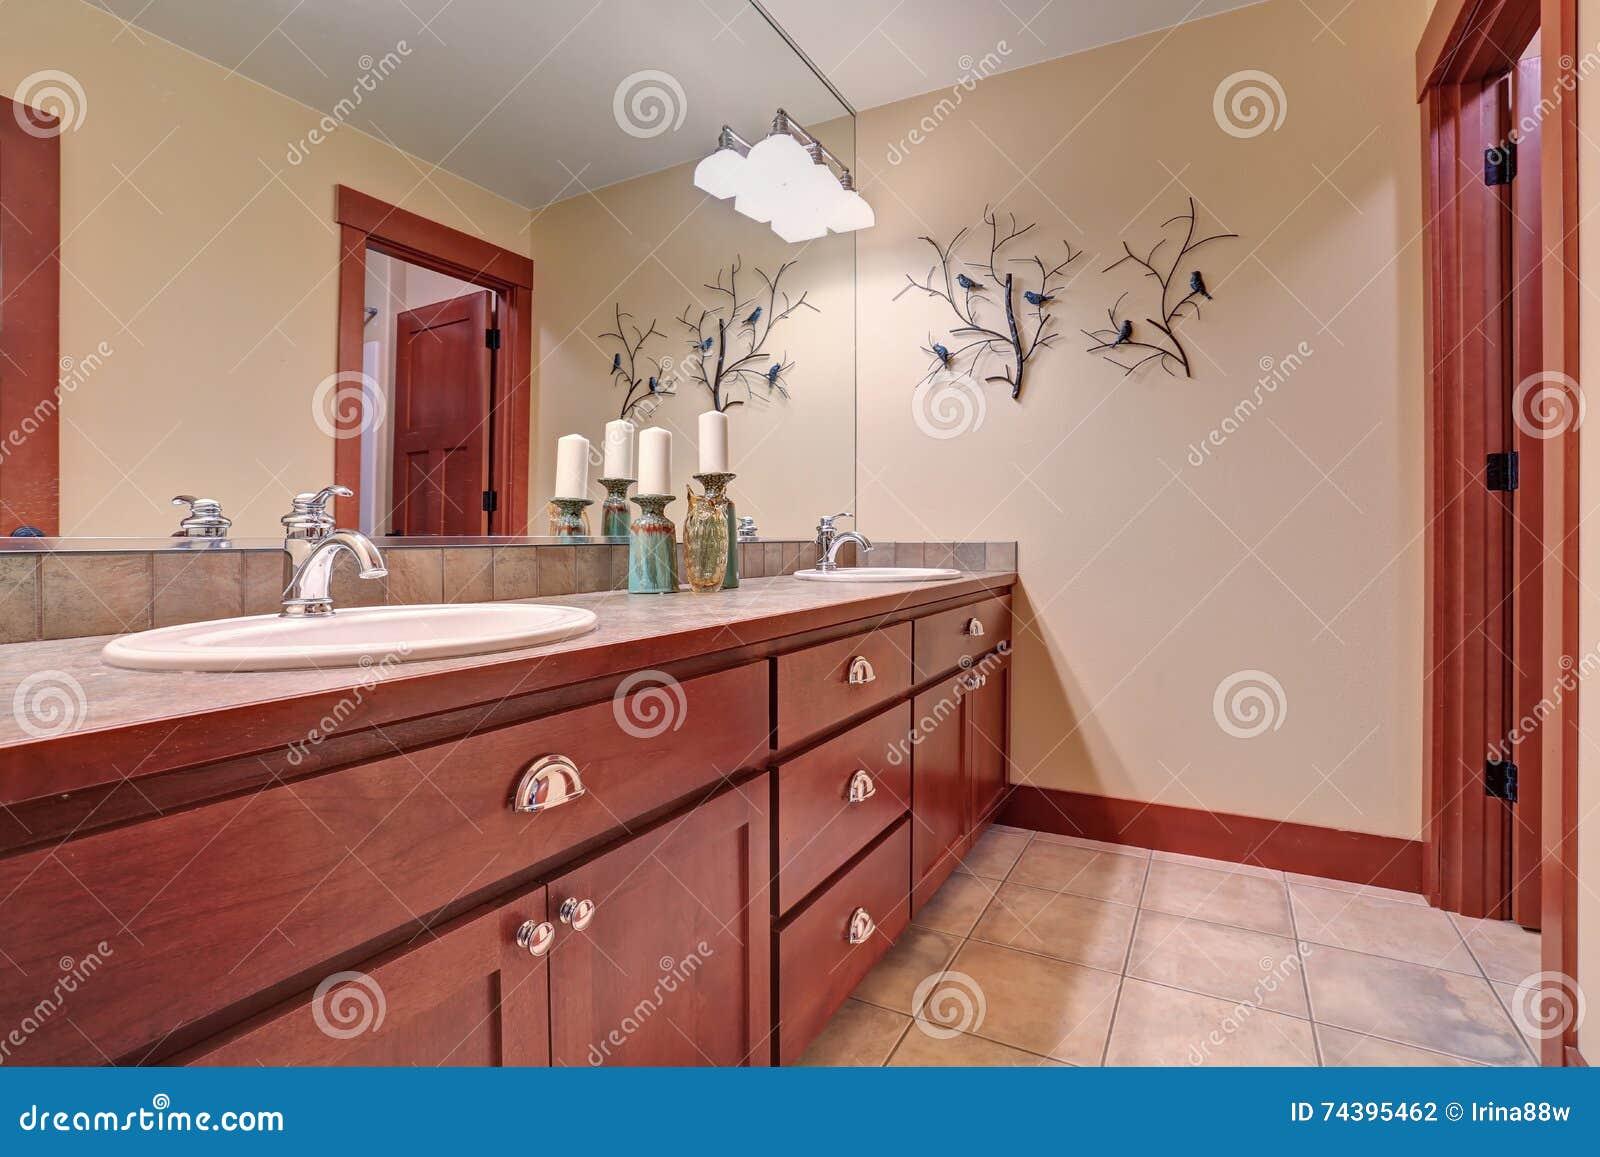 Bathroom Cabinets Cherrywood